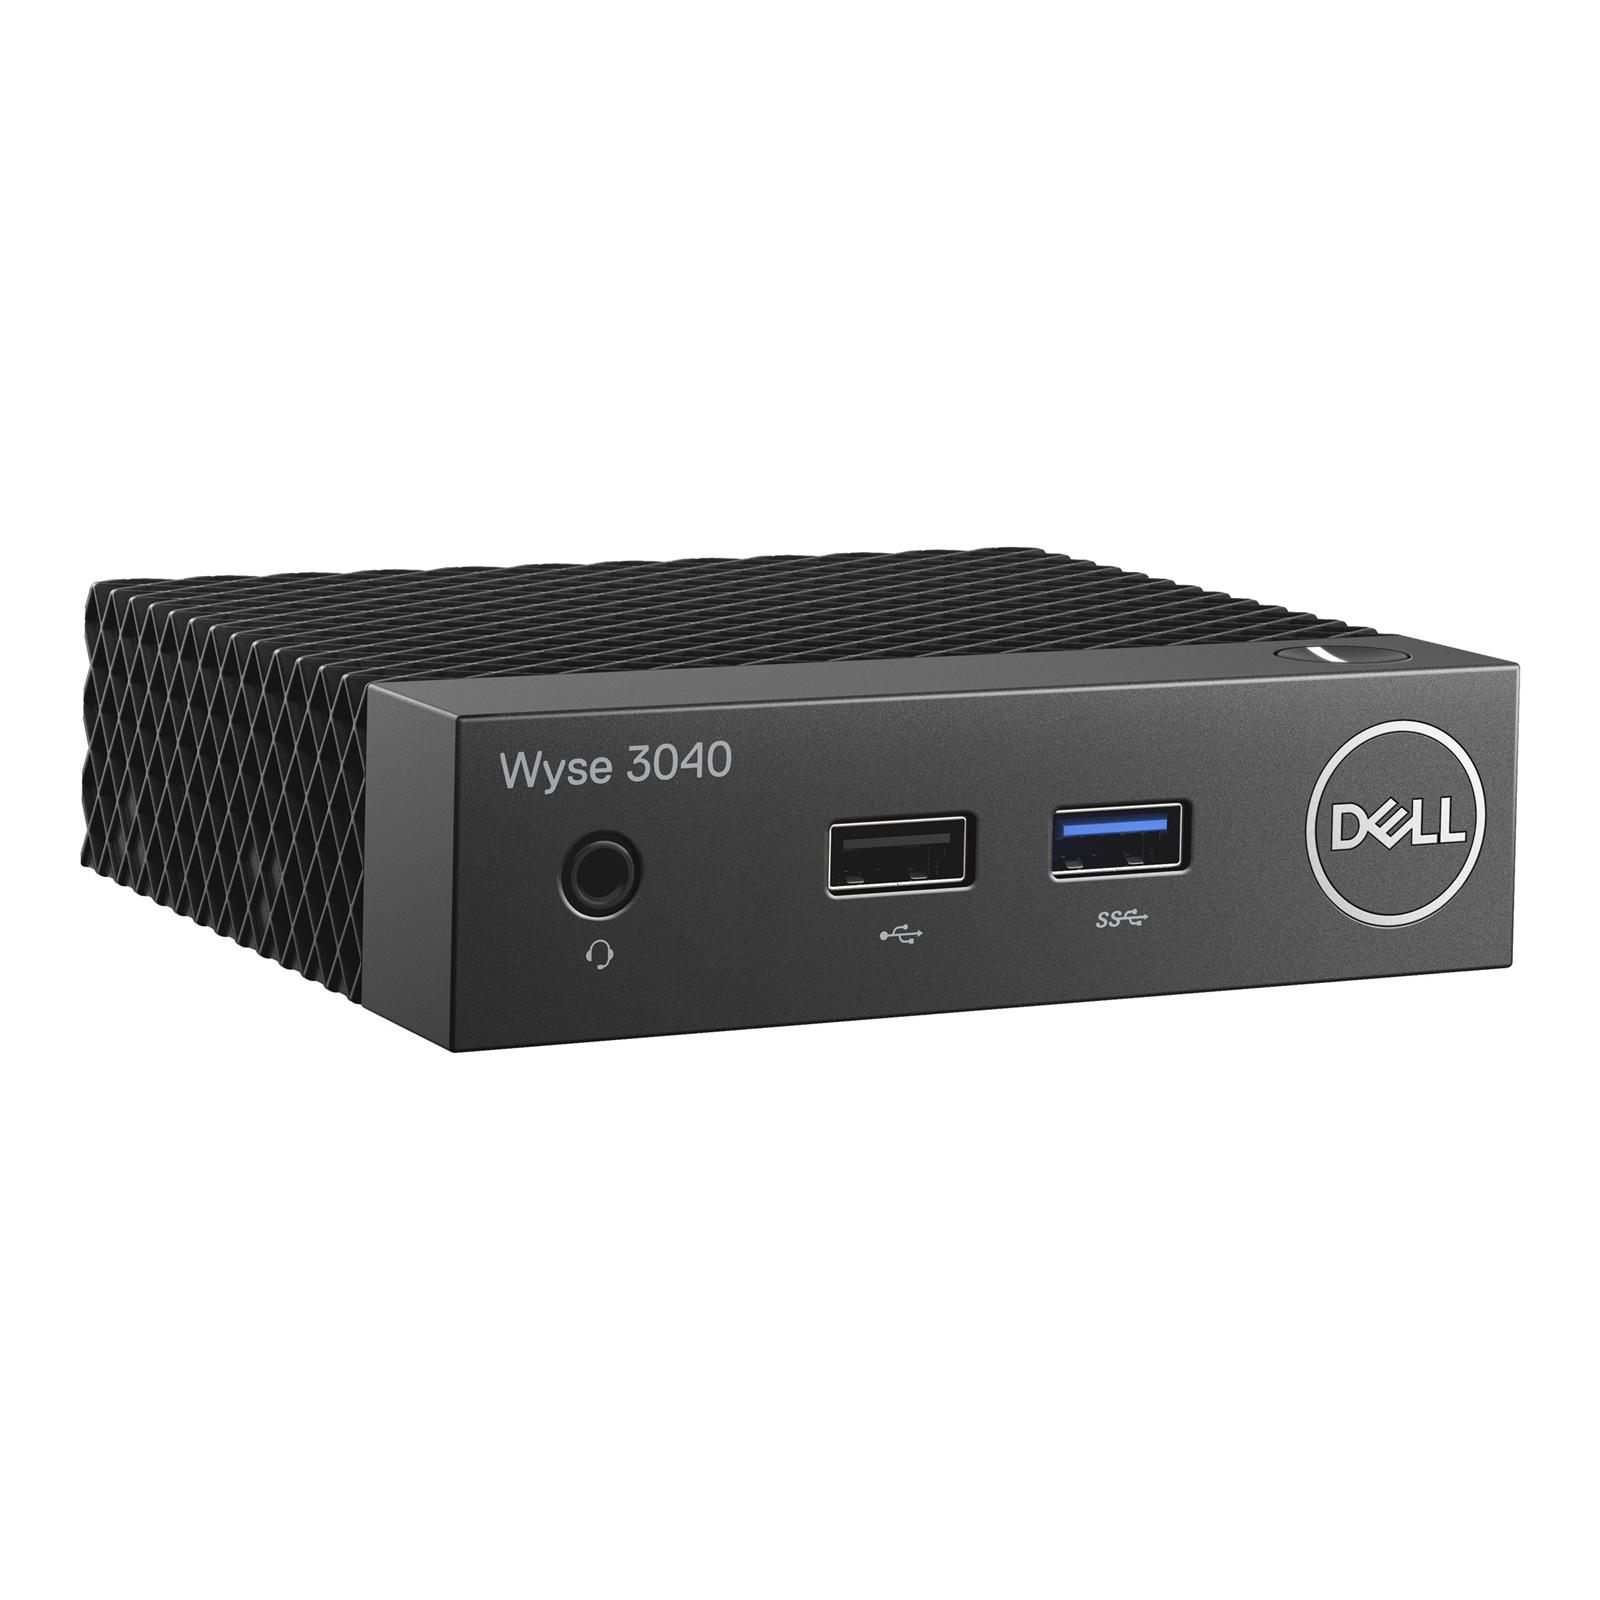 Buy the Dell 210-ALEK-28675555 WYSE 3040 PCOIP 8G/2GB 3YR ( 210-ALEK